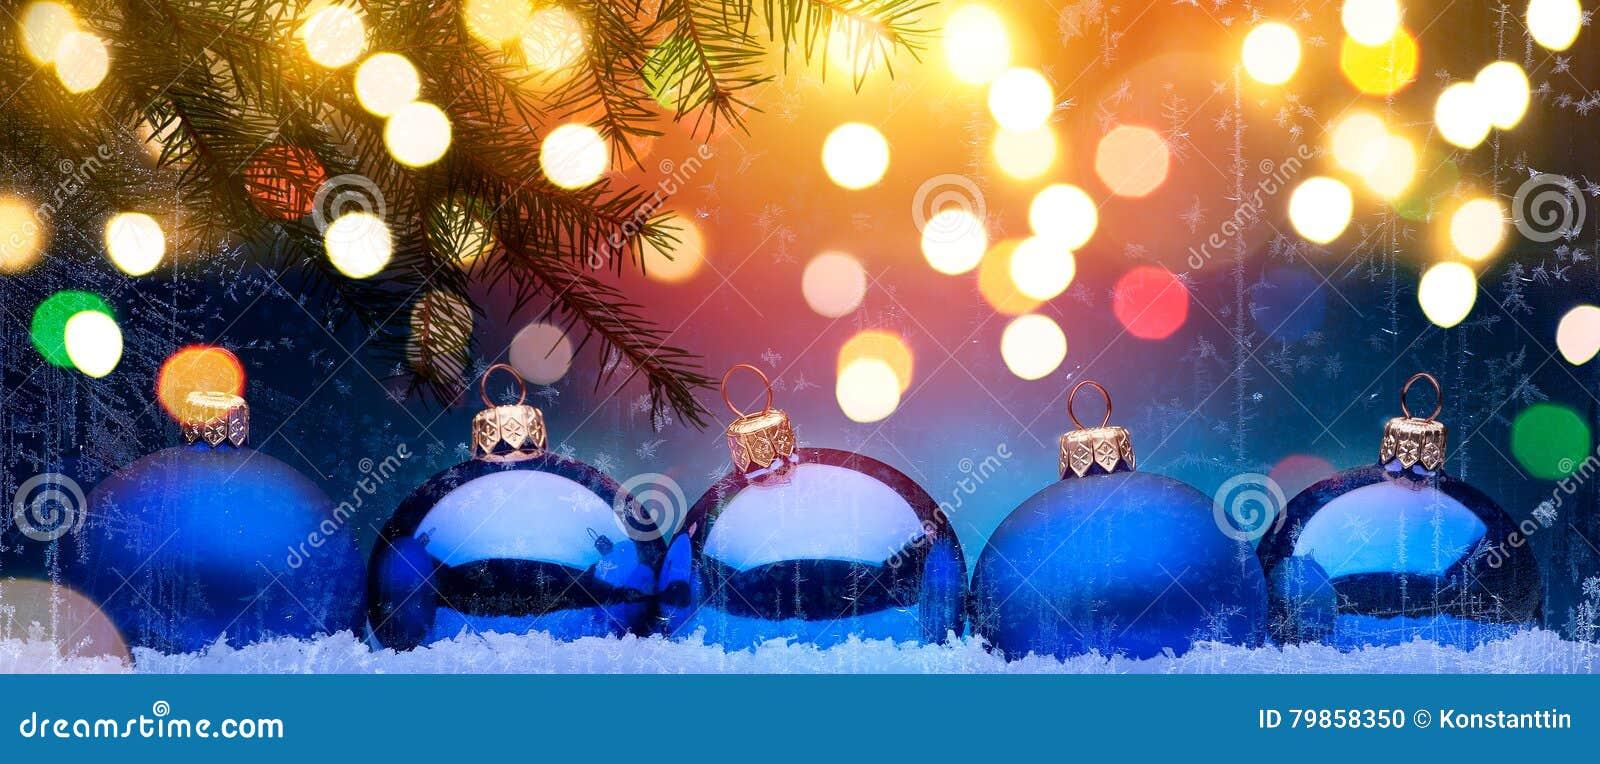 Natale blu; Fondo di feste con la decorazione di natale